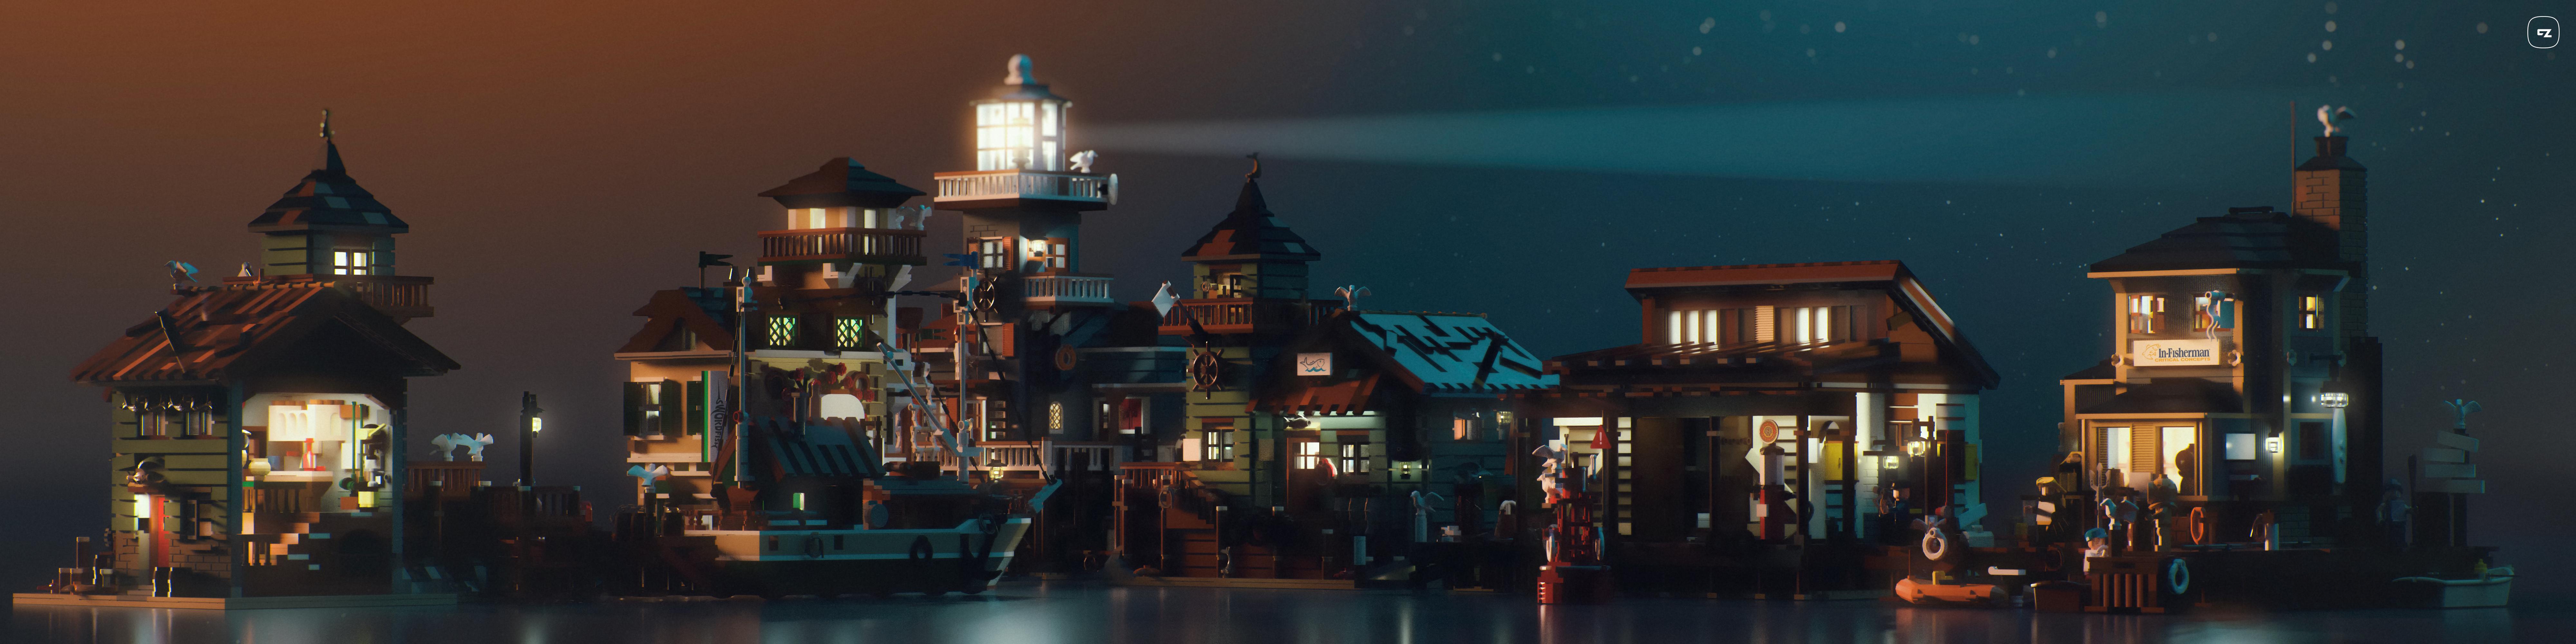 Sea Front Village